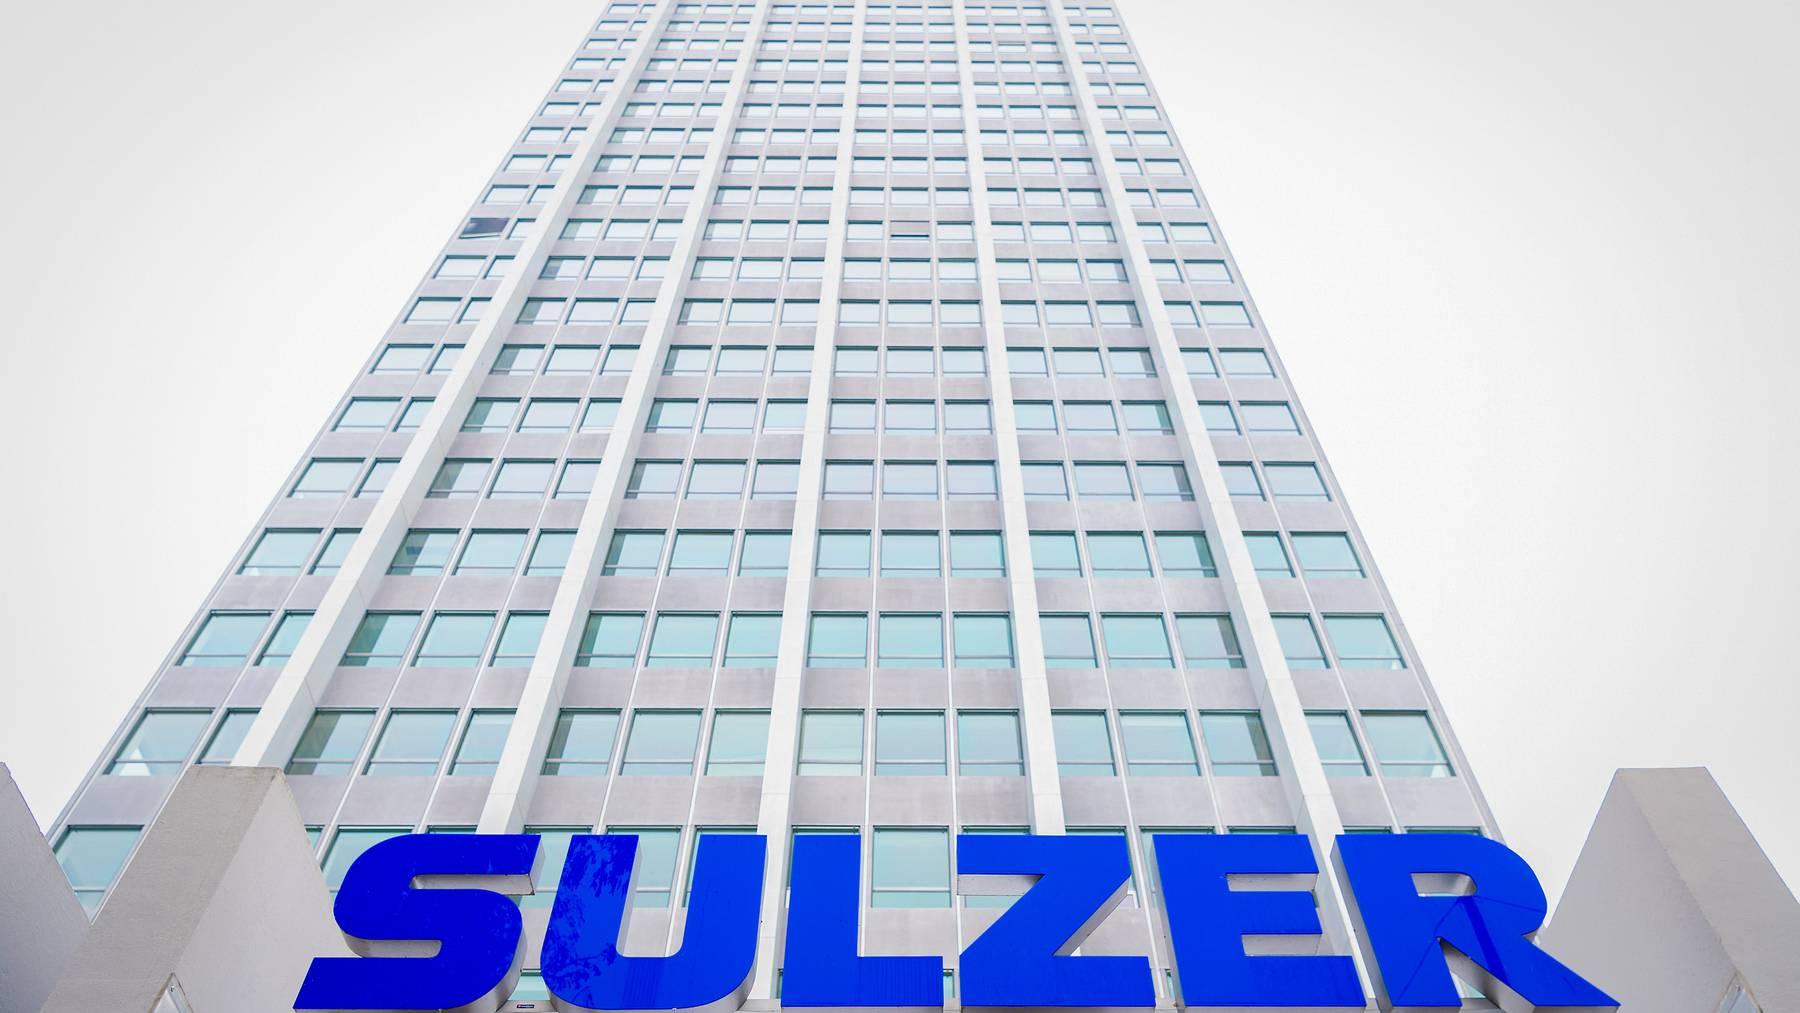 Das aktuelle Geschäftsumfeld von Sulzer sei infolge der Coronapandemie nach wie vor von «hoher Unsicherheit».